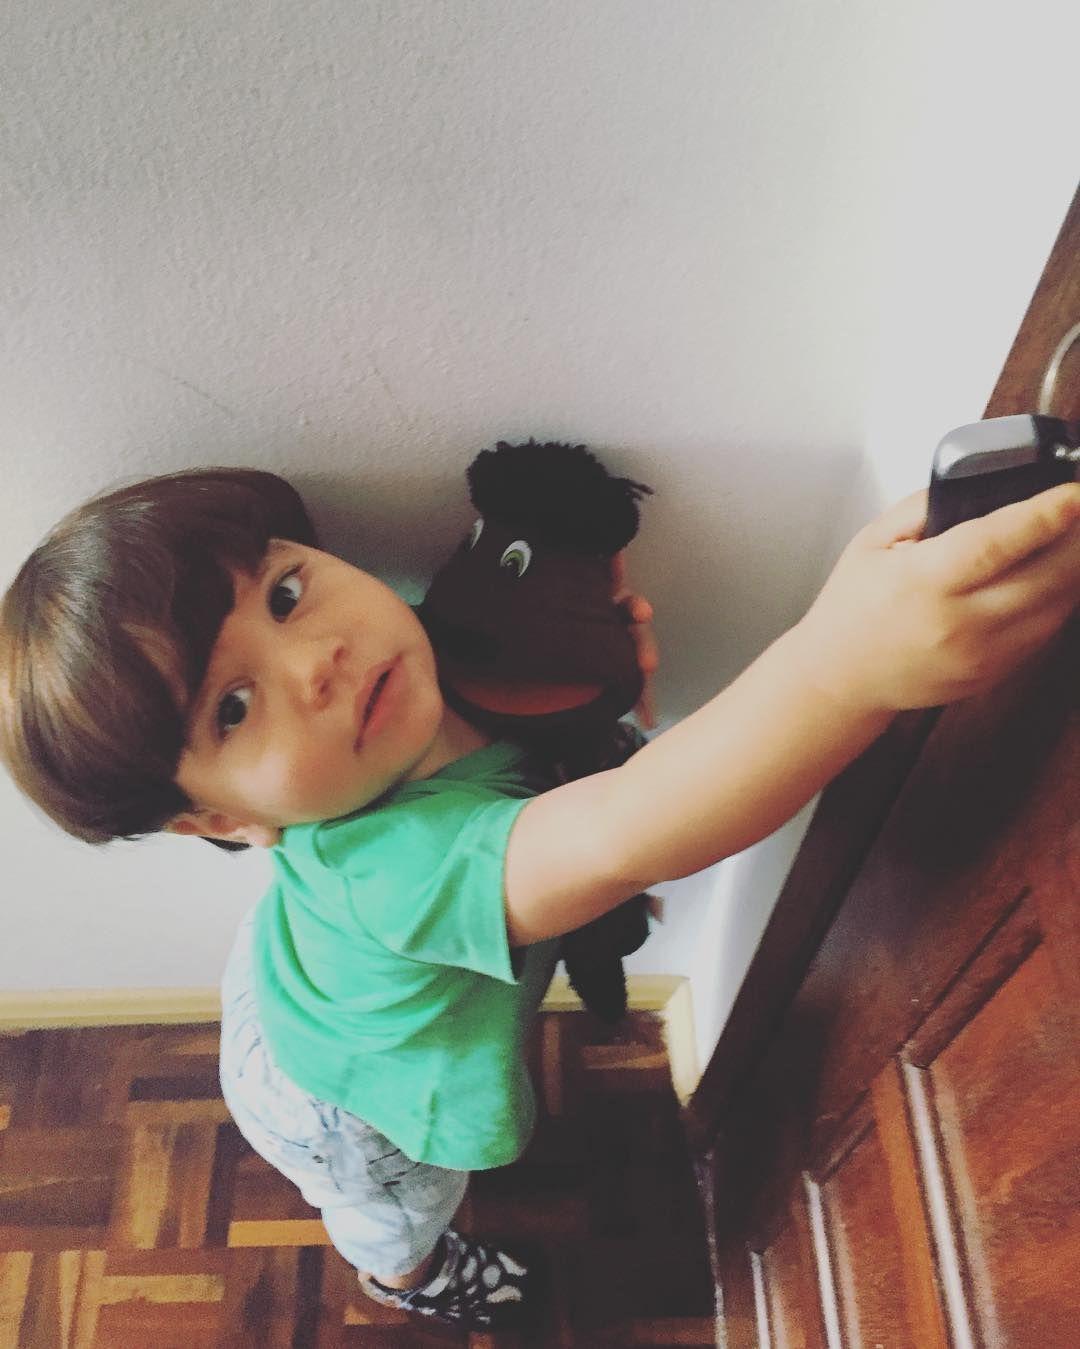 Pedro e seu amigo fantoche - por aqui batizado de Chico - foram flagrados tentando fugir...  Um brinquedo simples mas que toda criança adora é o fantoche. Serve para contarmos histórias e para eles também criarem as suas próprias.  #babydicas #brinquedos